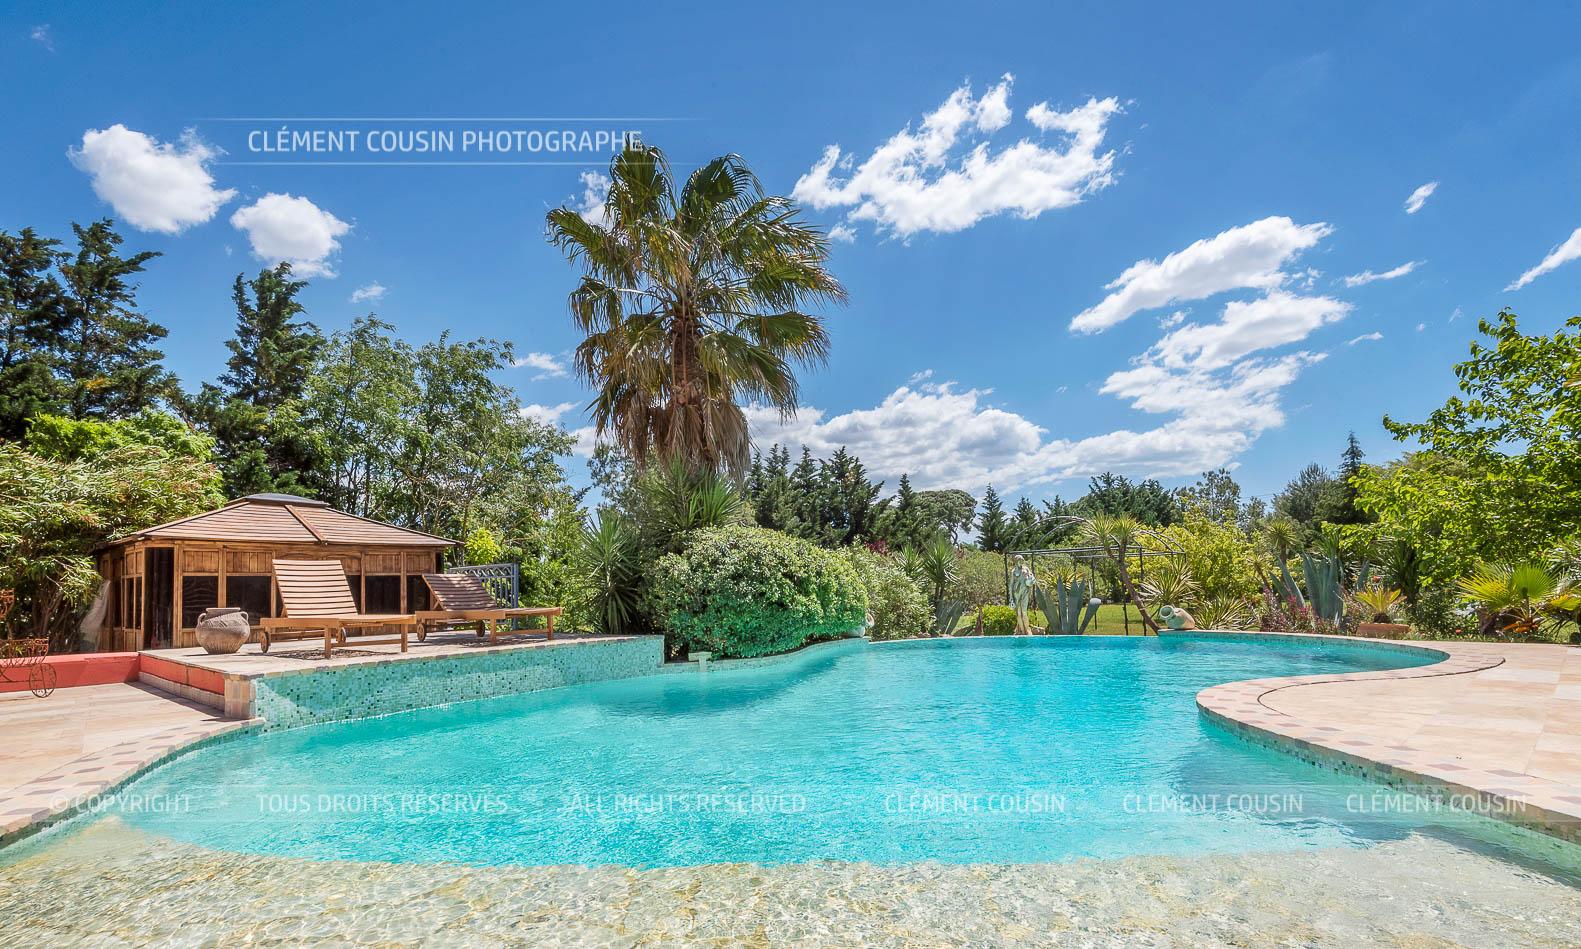 Mas de la montille piscine vignes aiguemortes-12.jpg